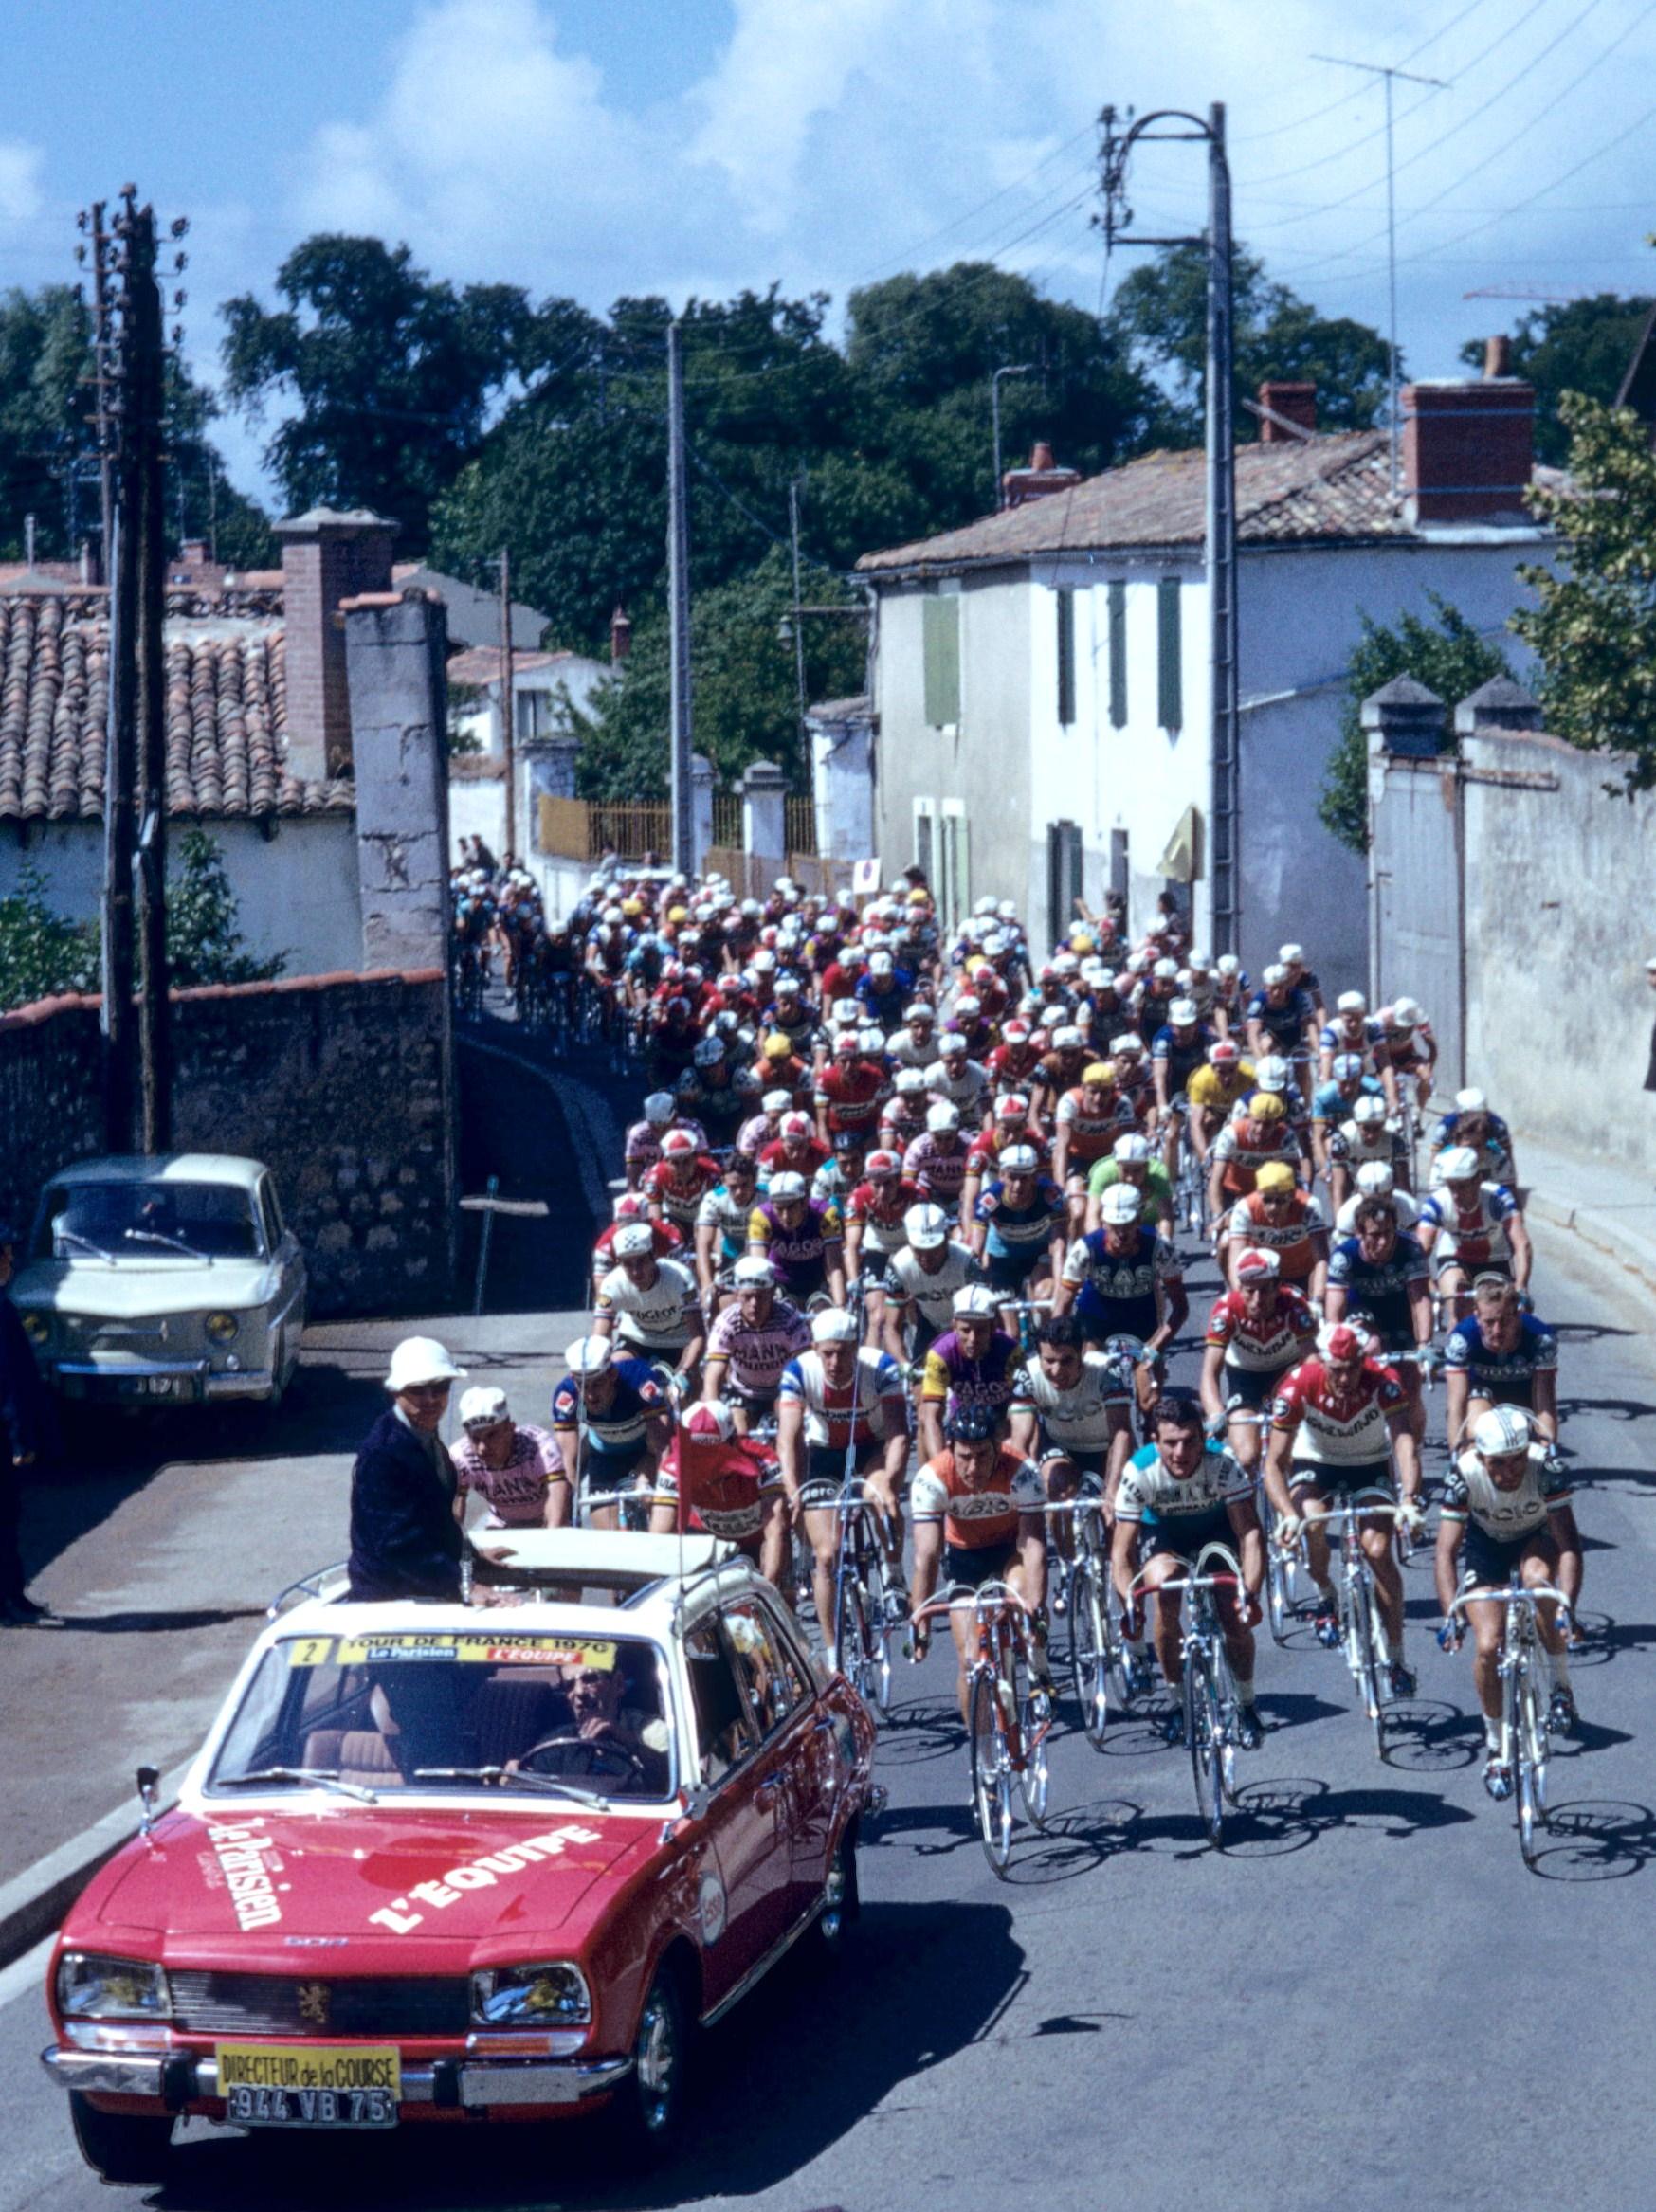 La Tour De France Summary